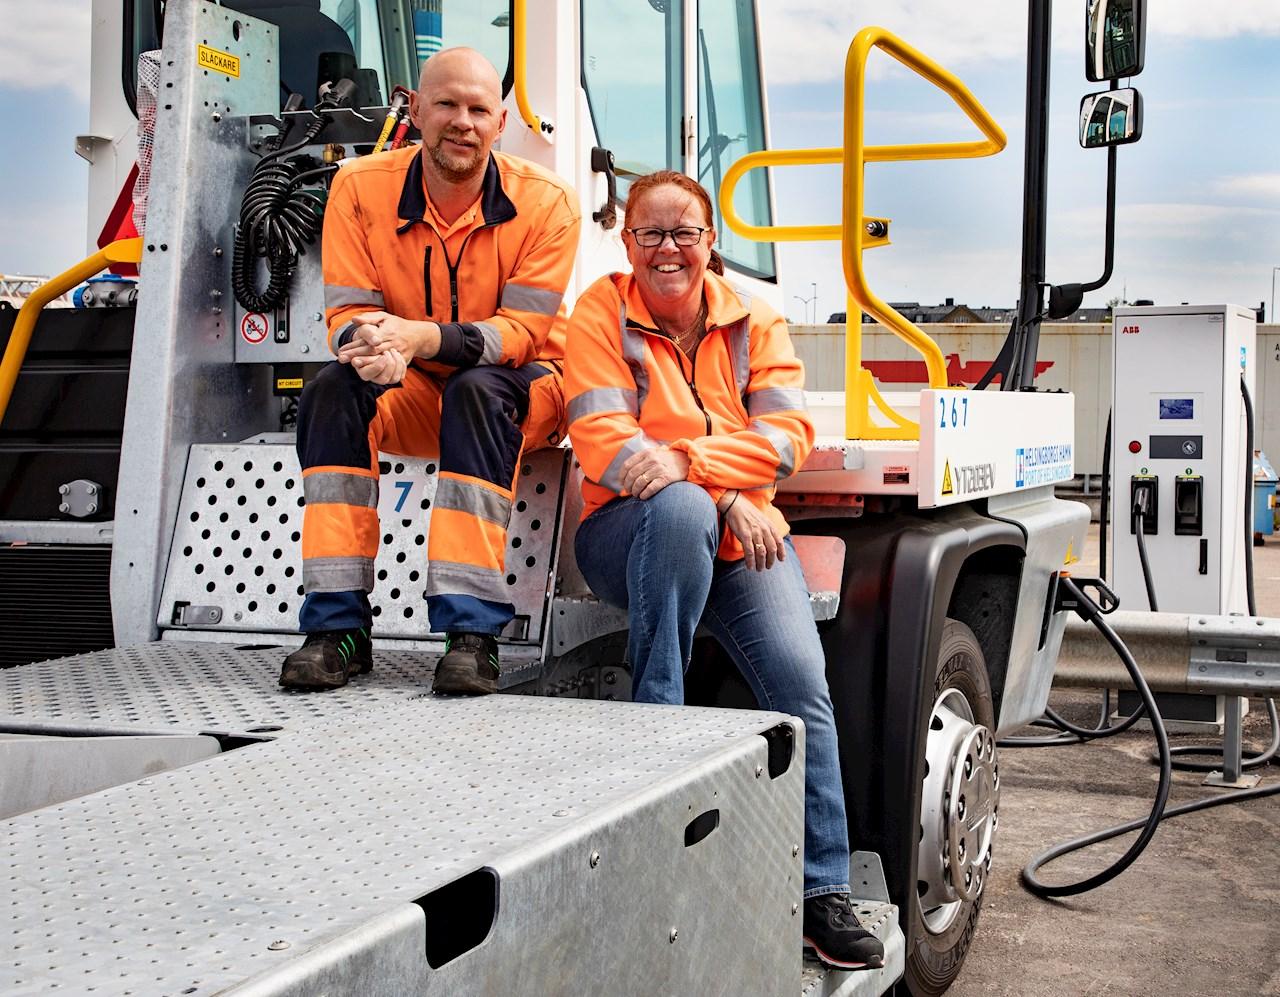 Mats Lundqvist och Christina Argelius på Helsingborgs Hamn. Foto: Charlotte Carlberg Bärg